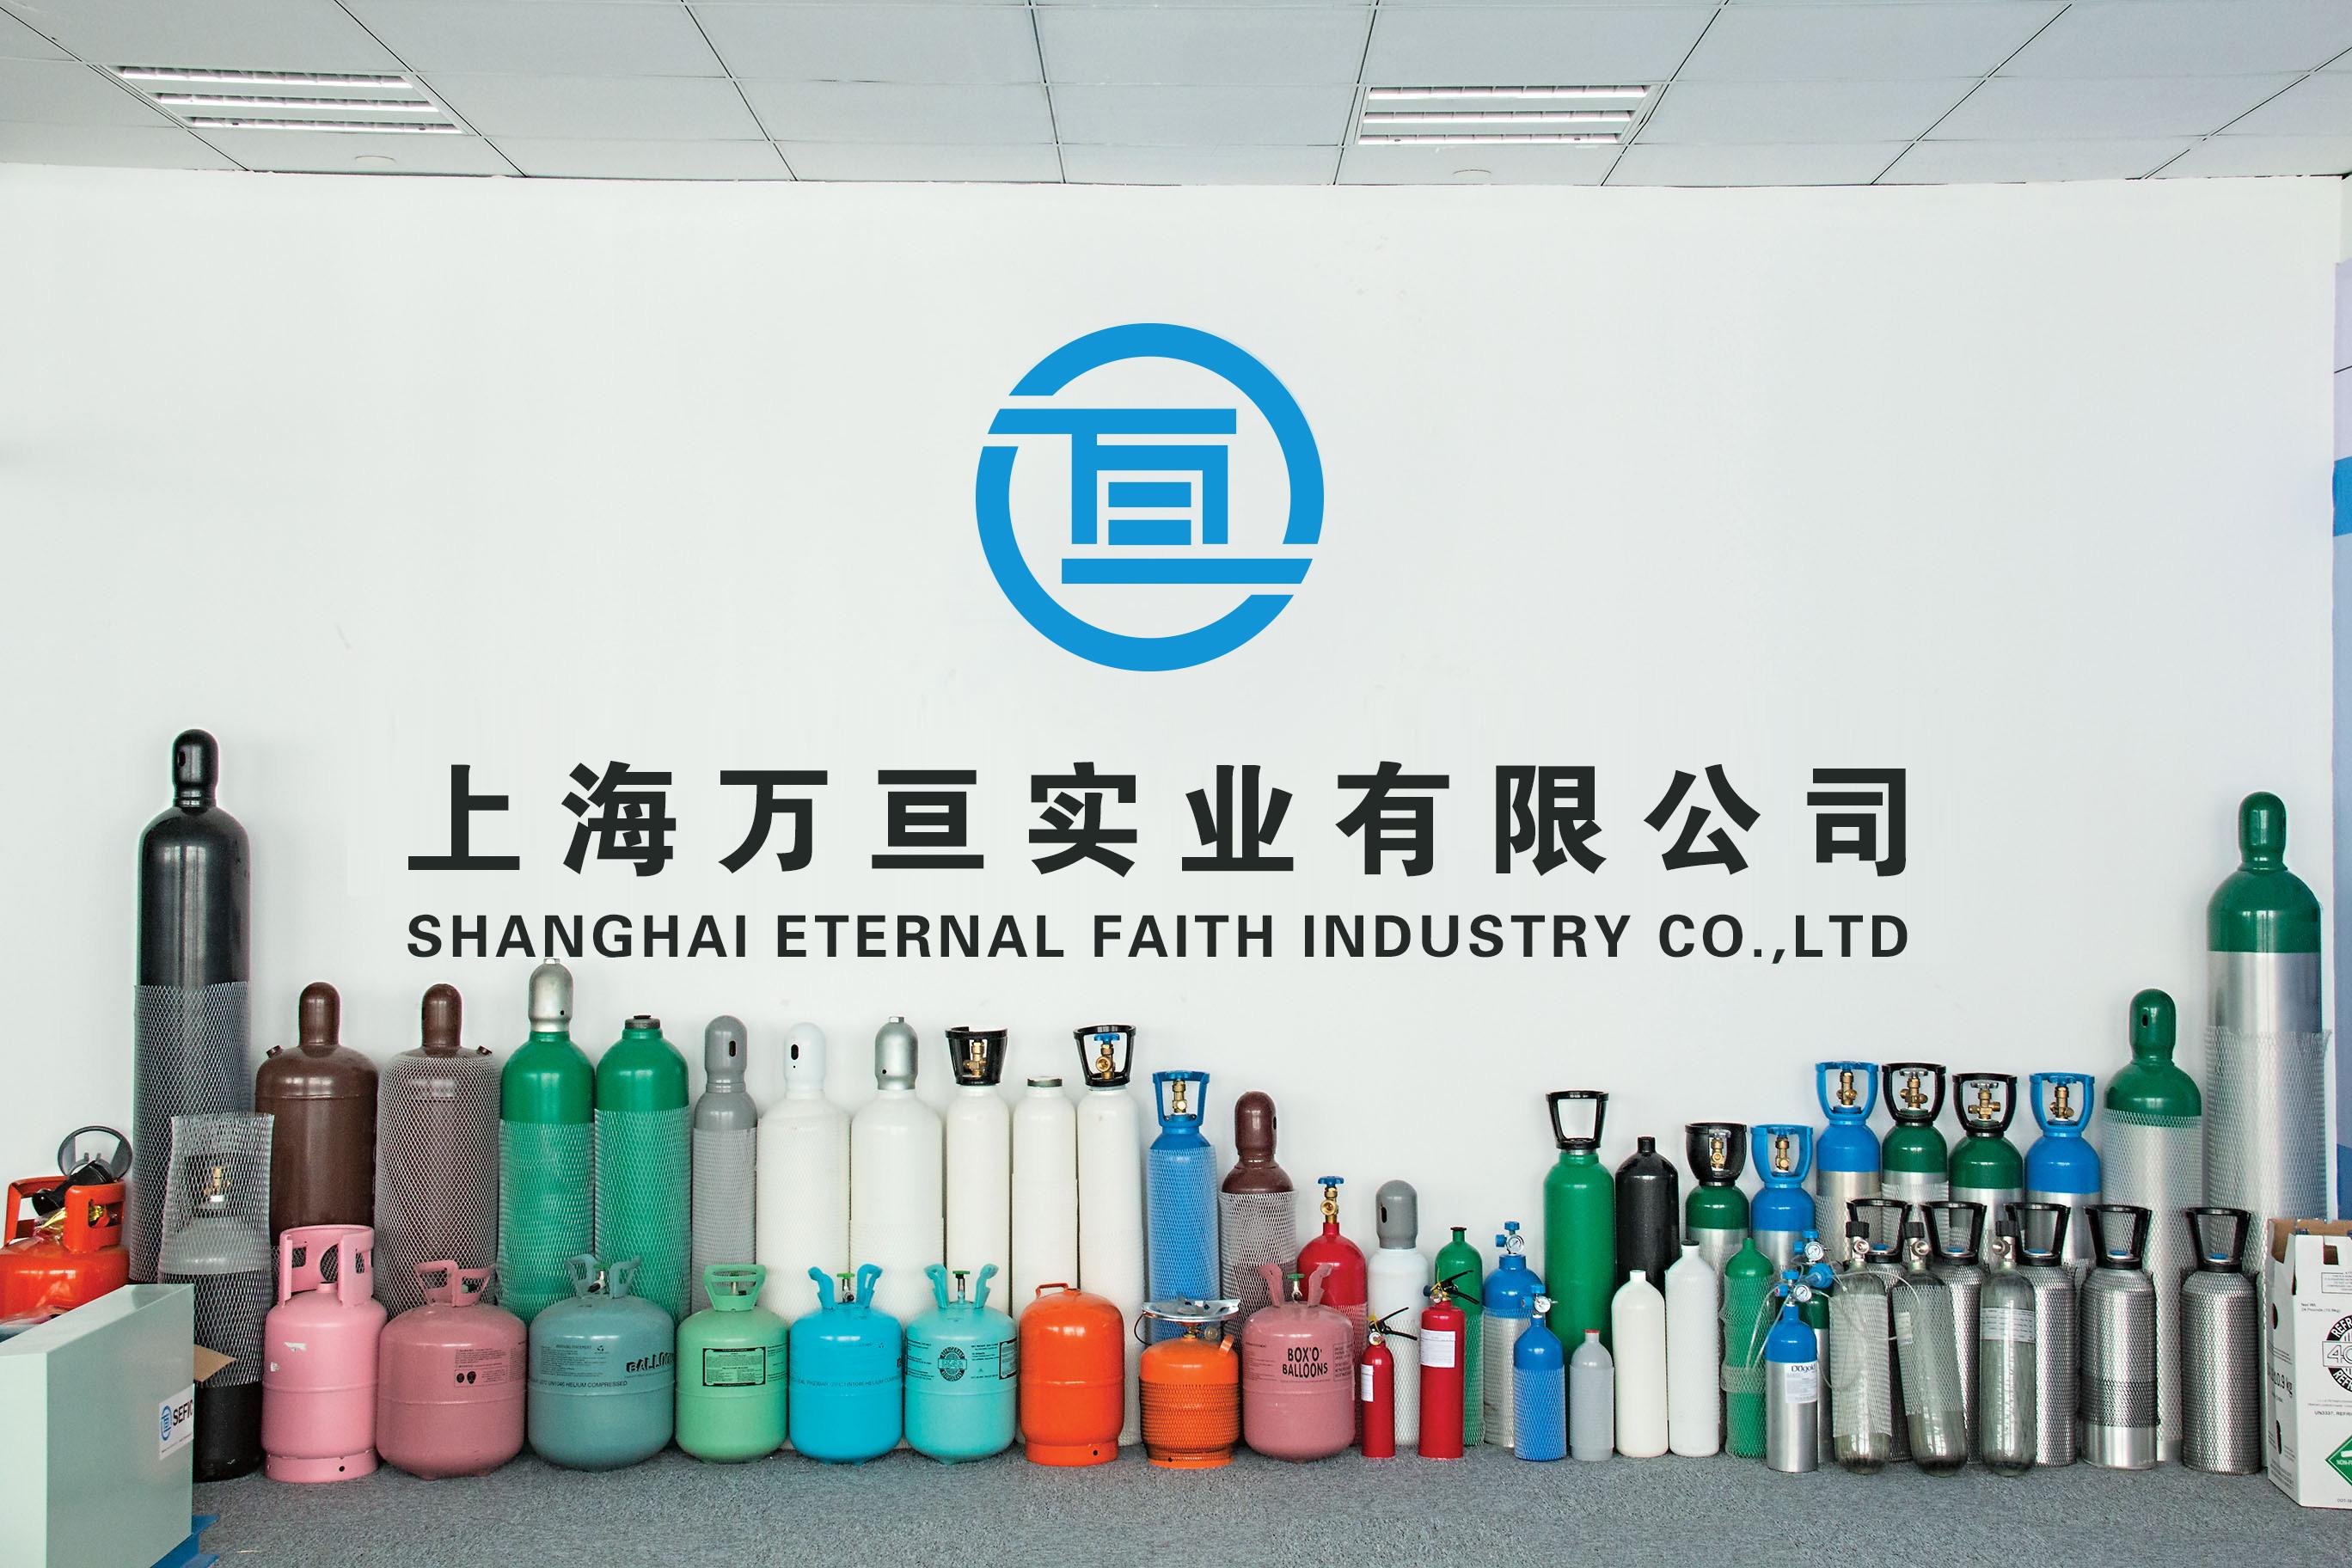 SHANGHAL ETERNAL FAITH INDUSTRY CO.,LTD.